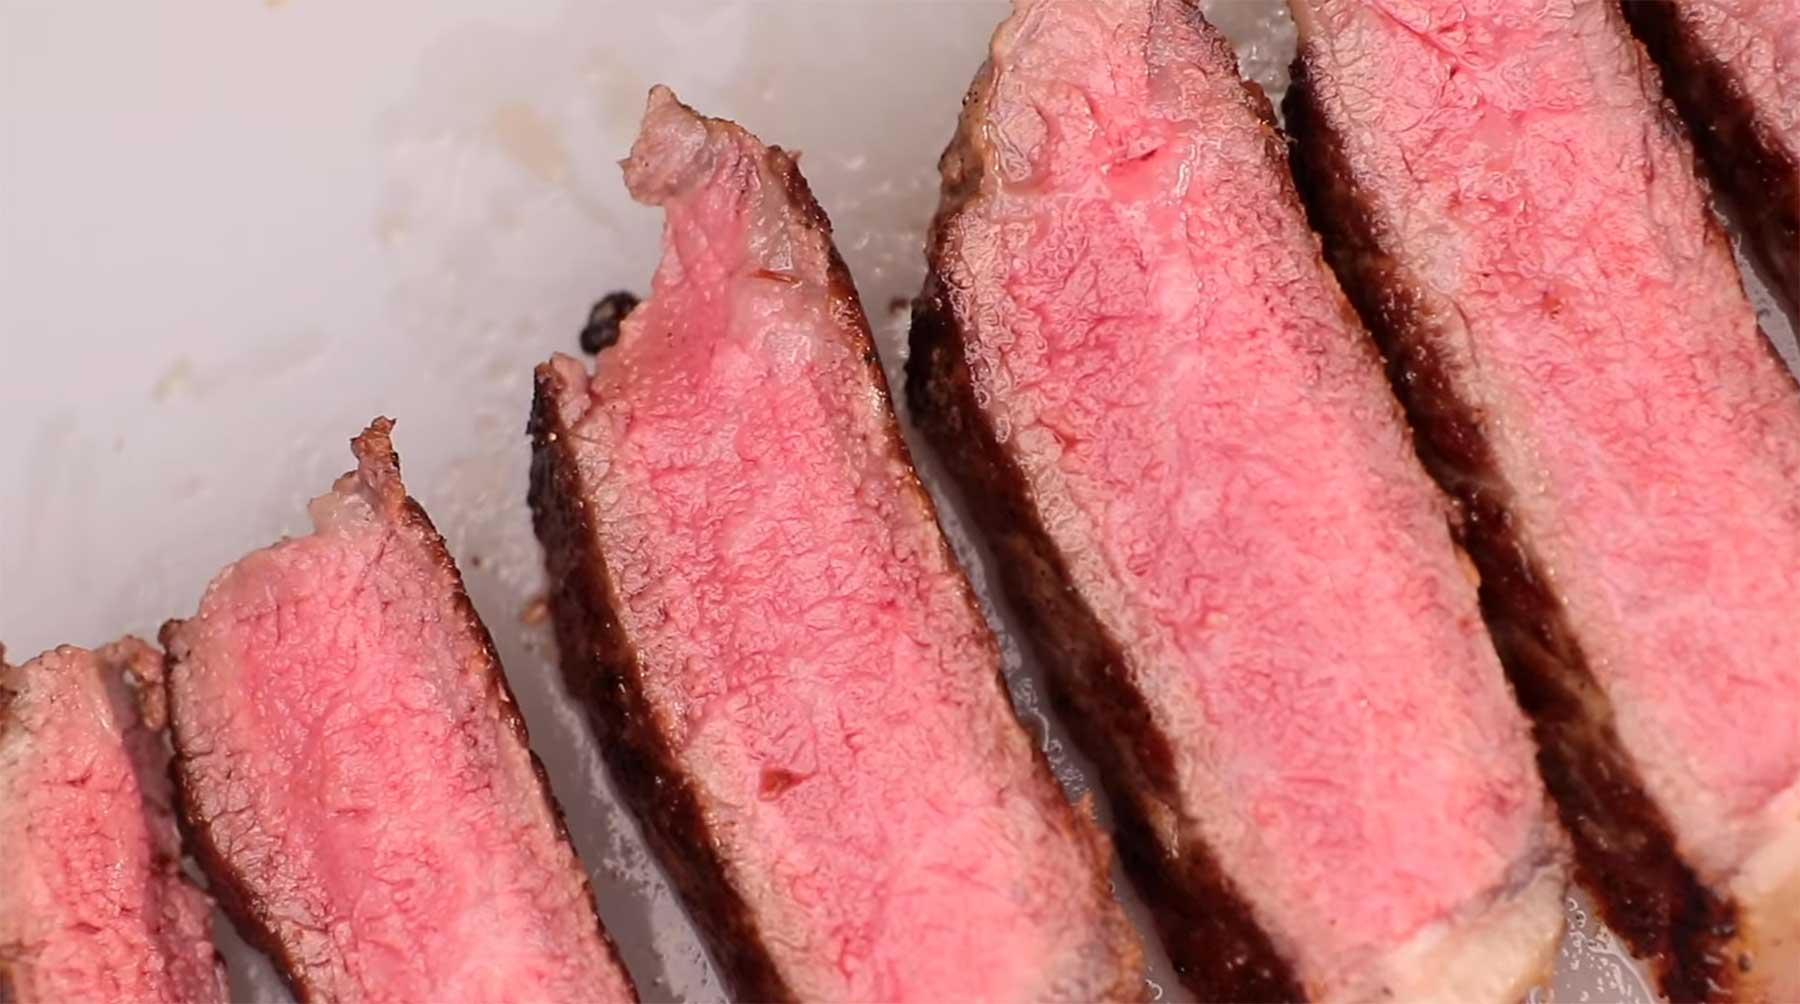 Warum kann man Steak und Fisch roh essen, Huhn aber nicht? rohes-steak